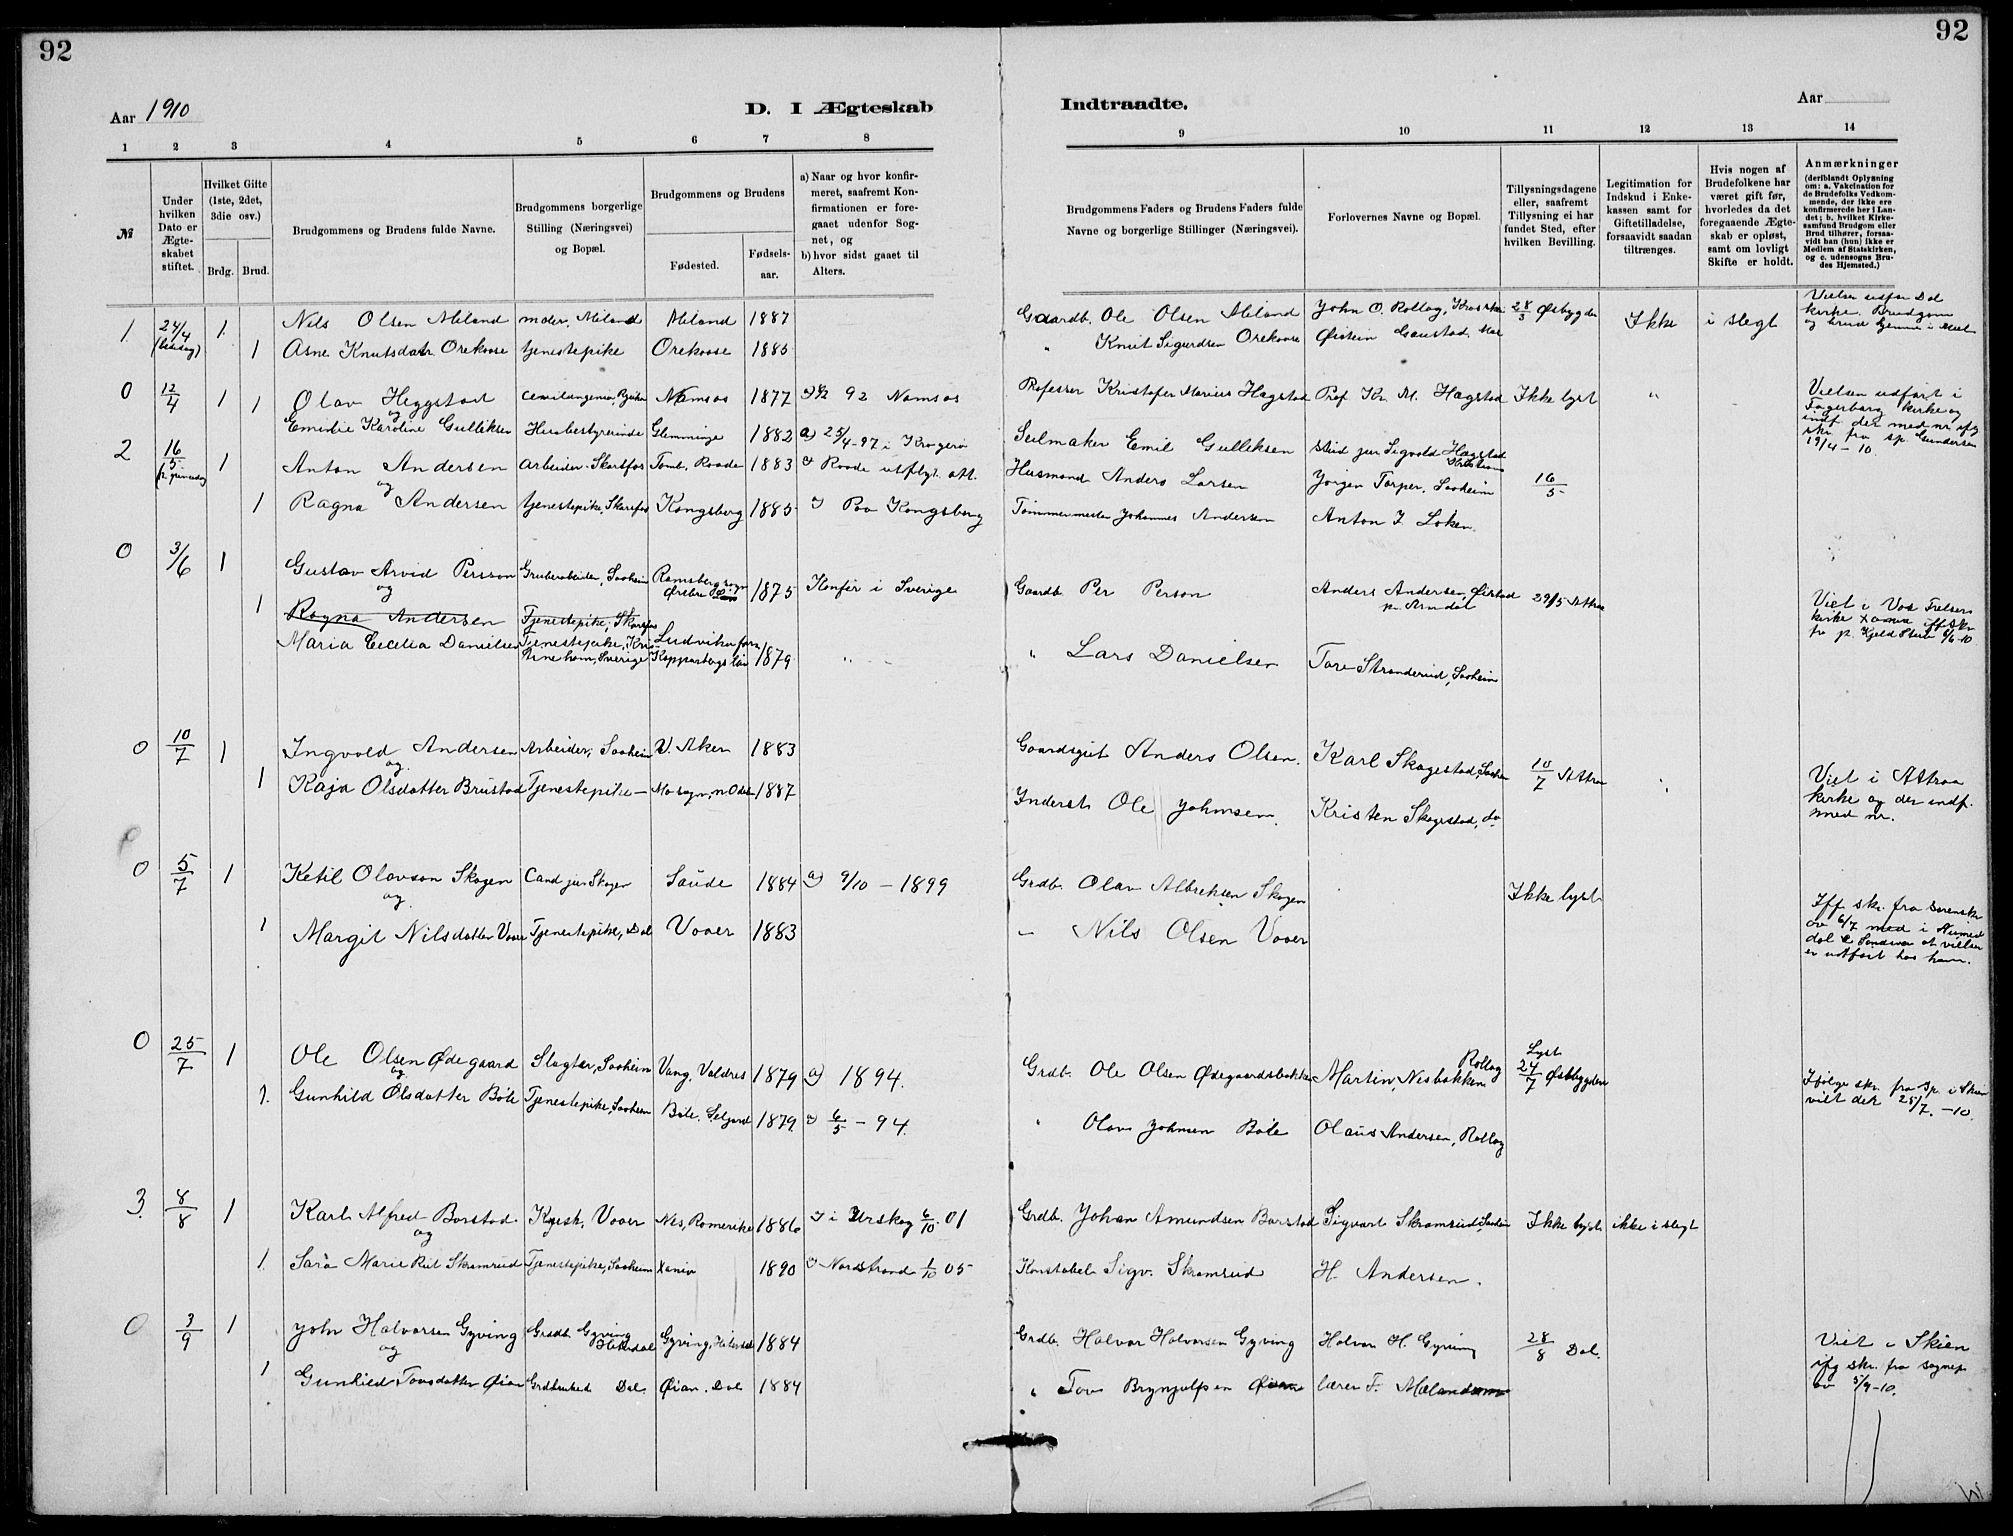 SAKO, Rjukan kirkebøker, G/Ga/L0001: Klokkerbok nr. 1, 1880-1914, s. 92